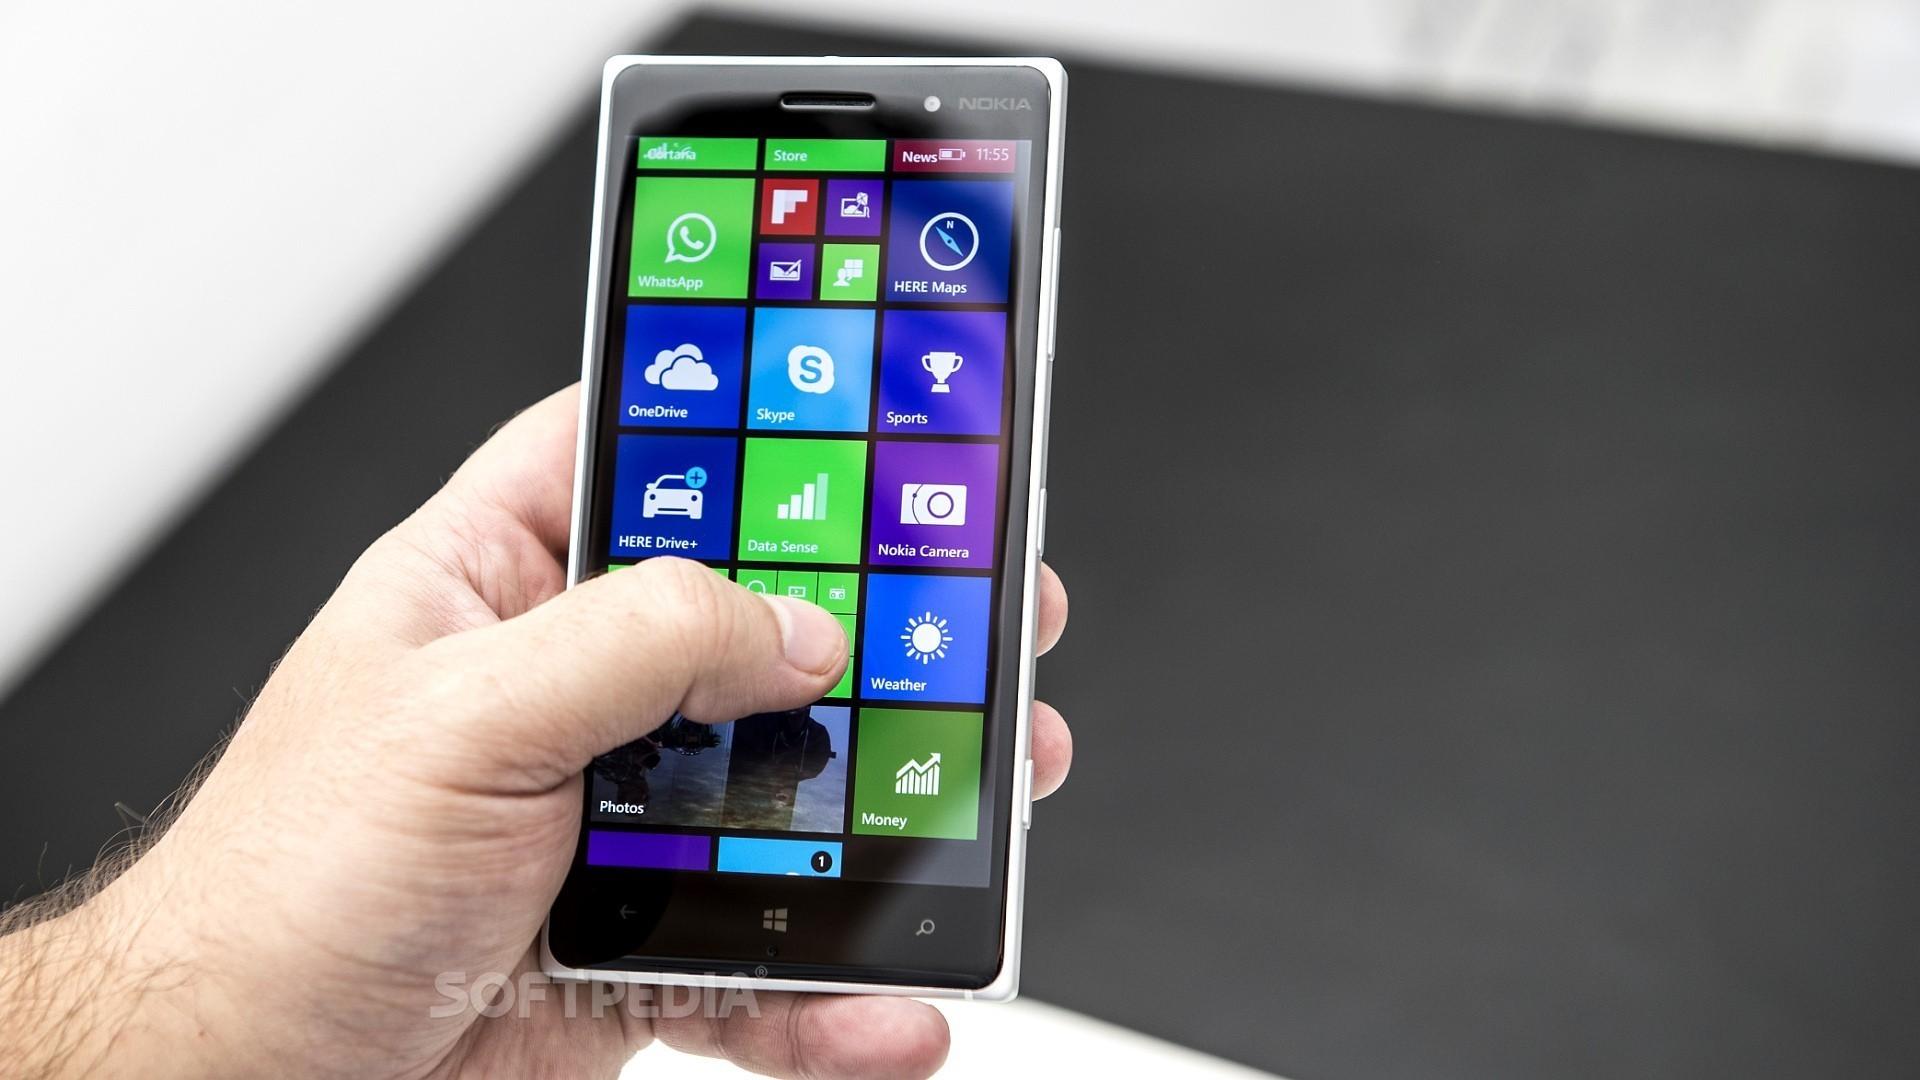 e78e14fe953 Windows Phone still has a future in Redmond s vision